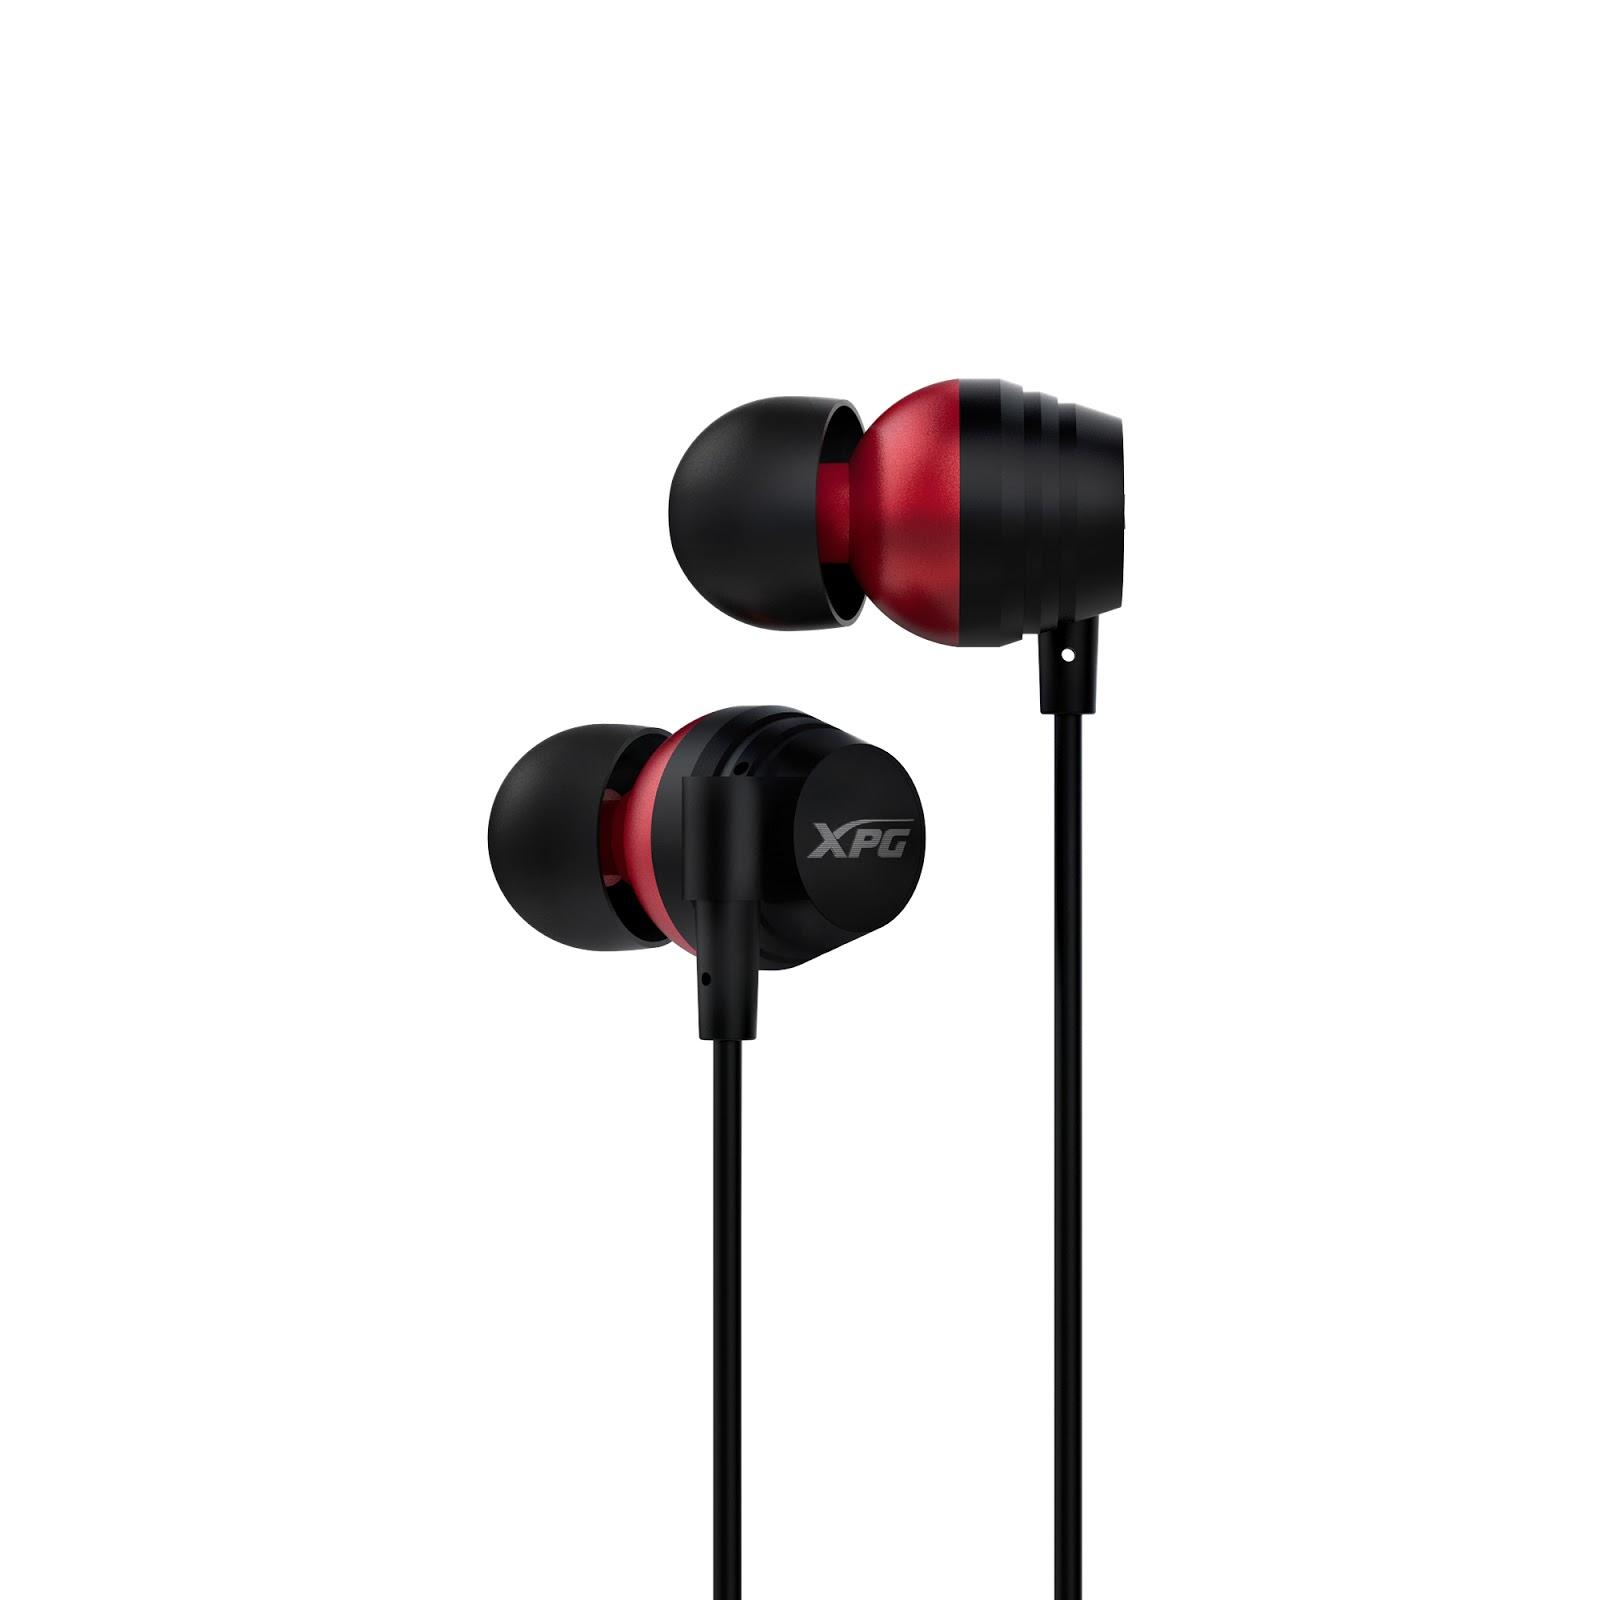 ADATA XPG EMIX I30 Earphones